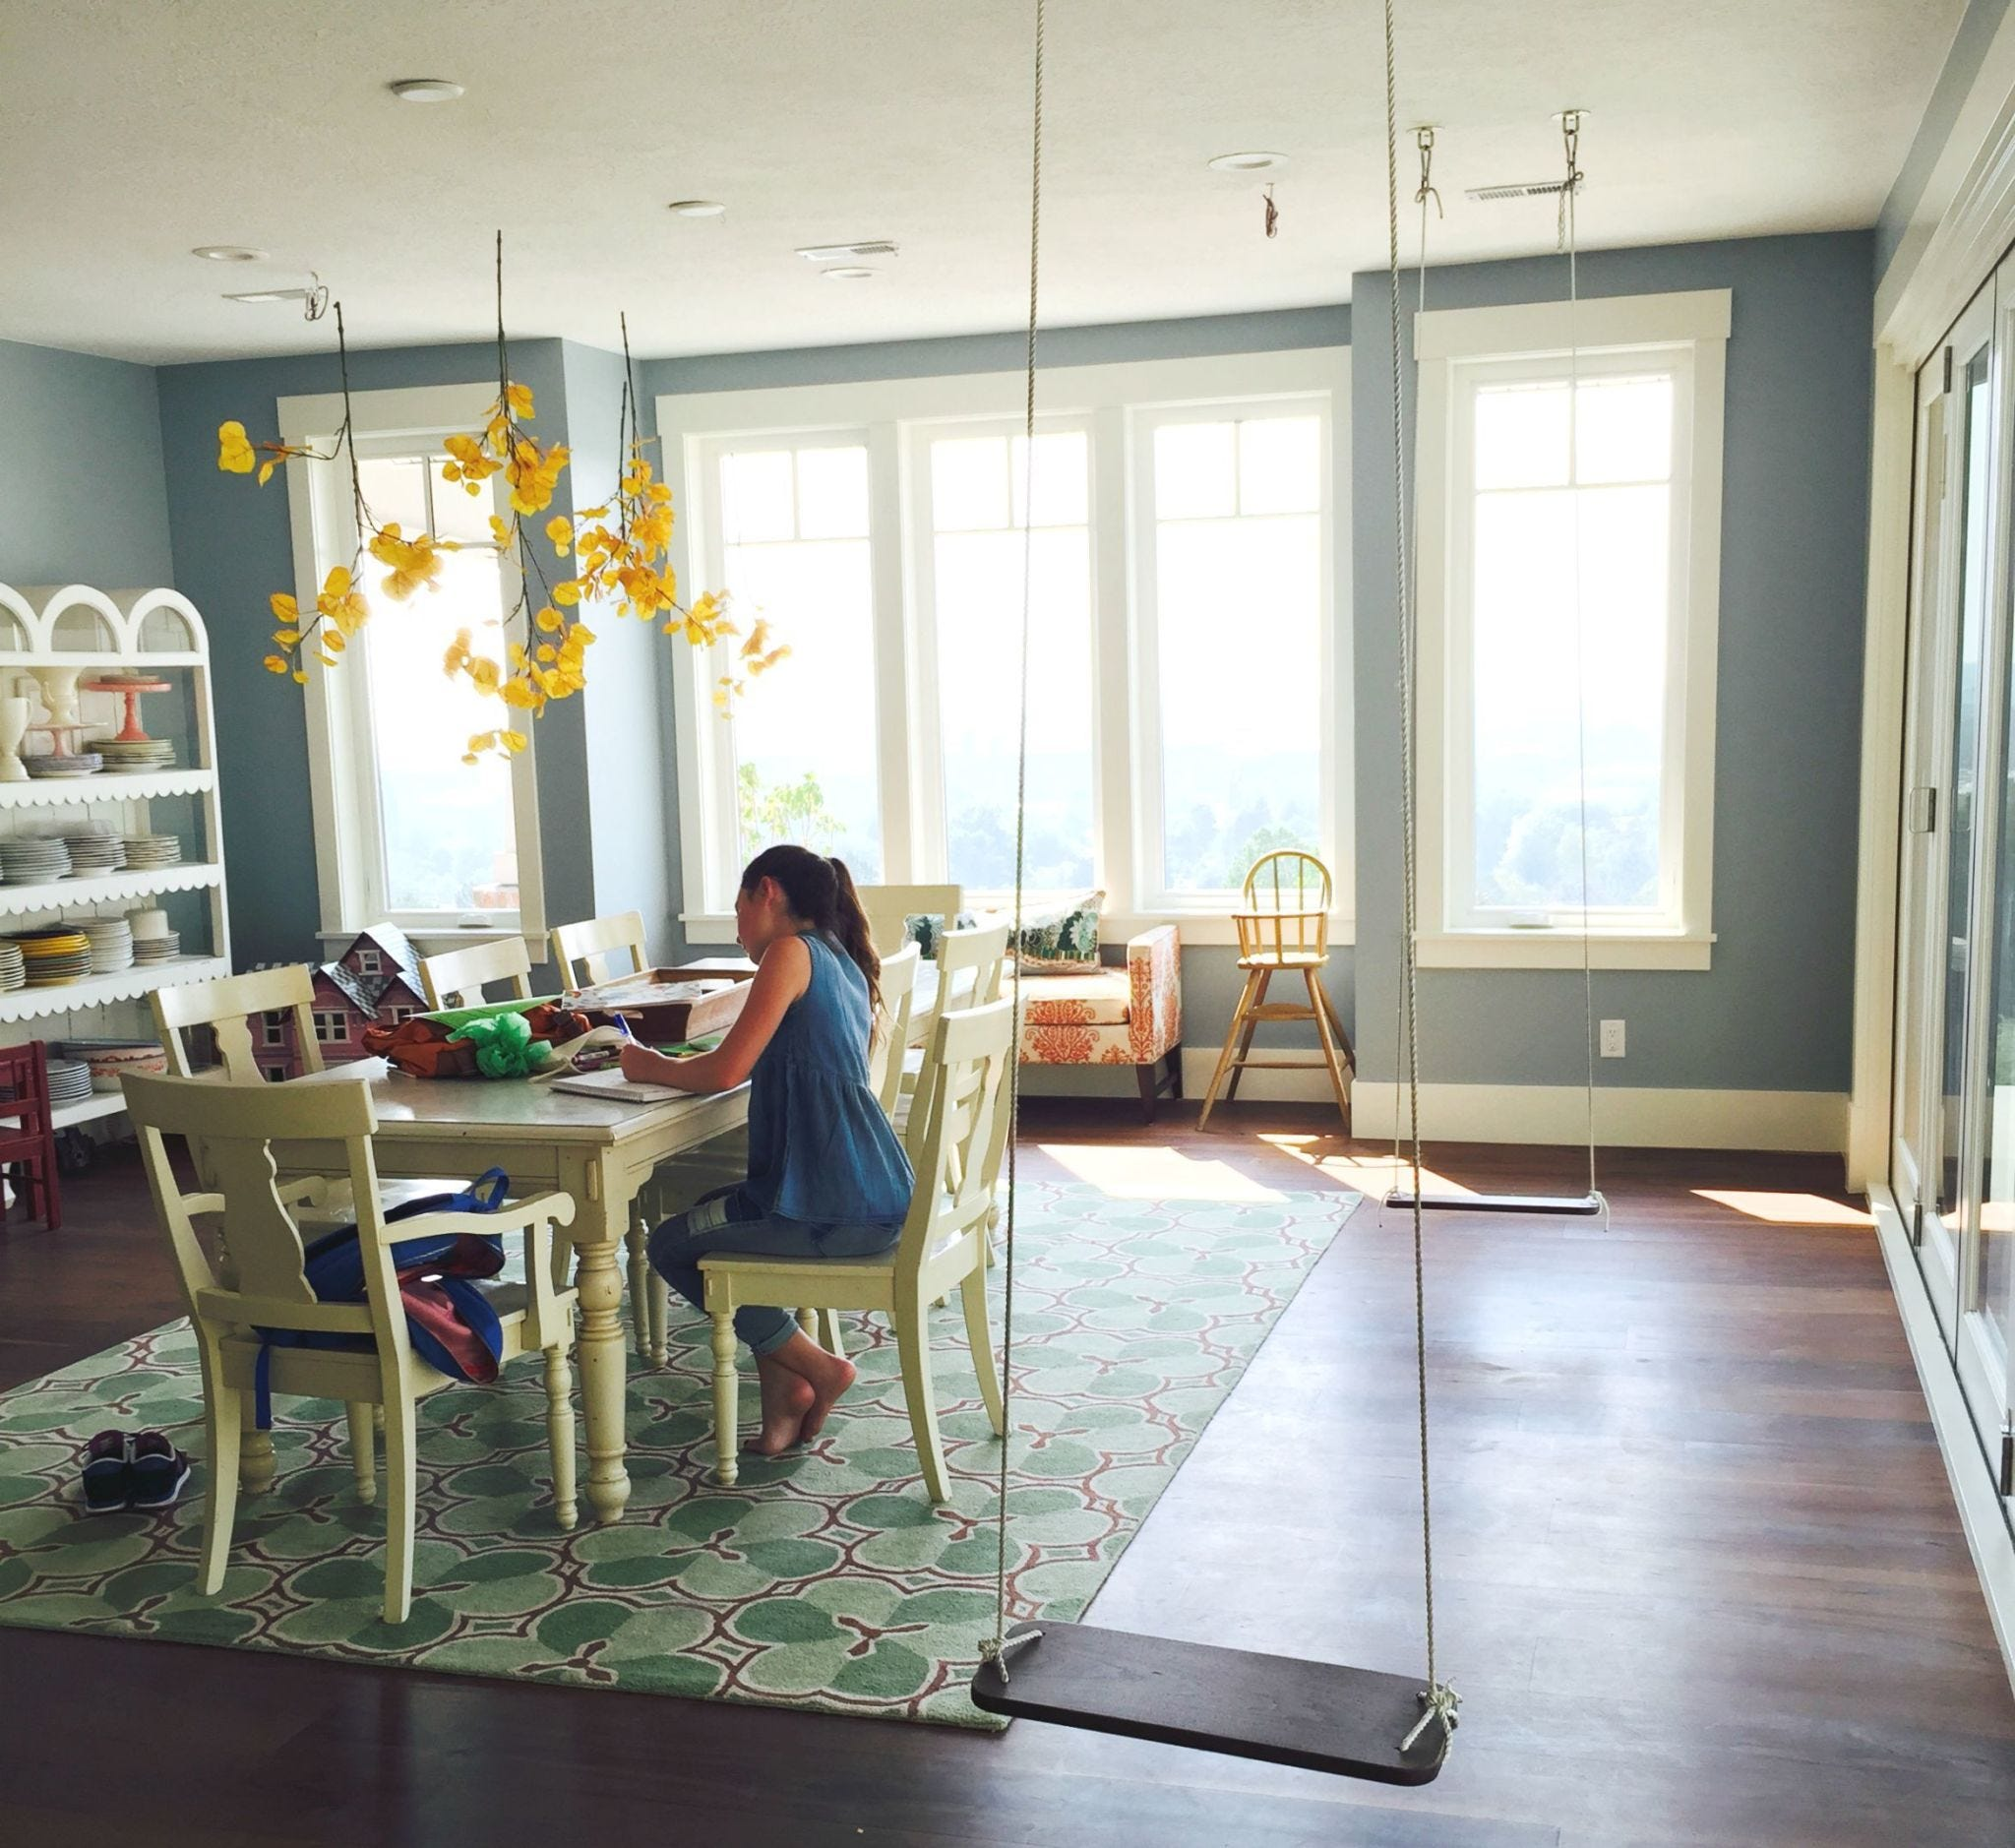 Interior design, Room, Floor, Flooring, Furniture, Ceiling, Chair, Table, Interior design, Fixture,